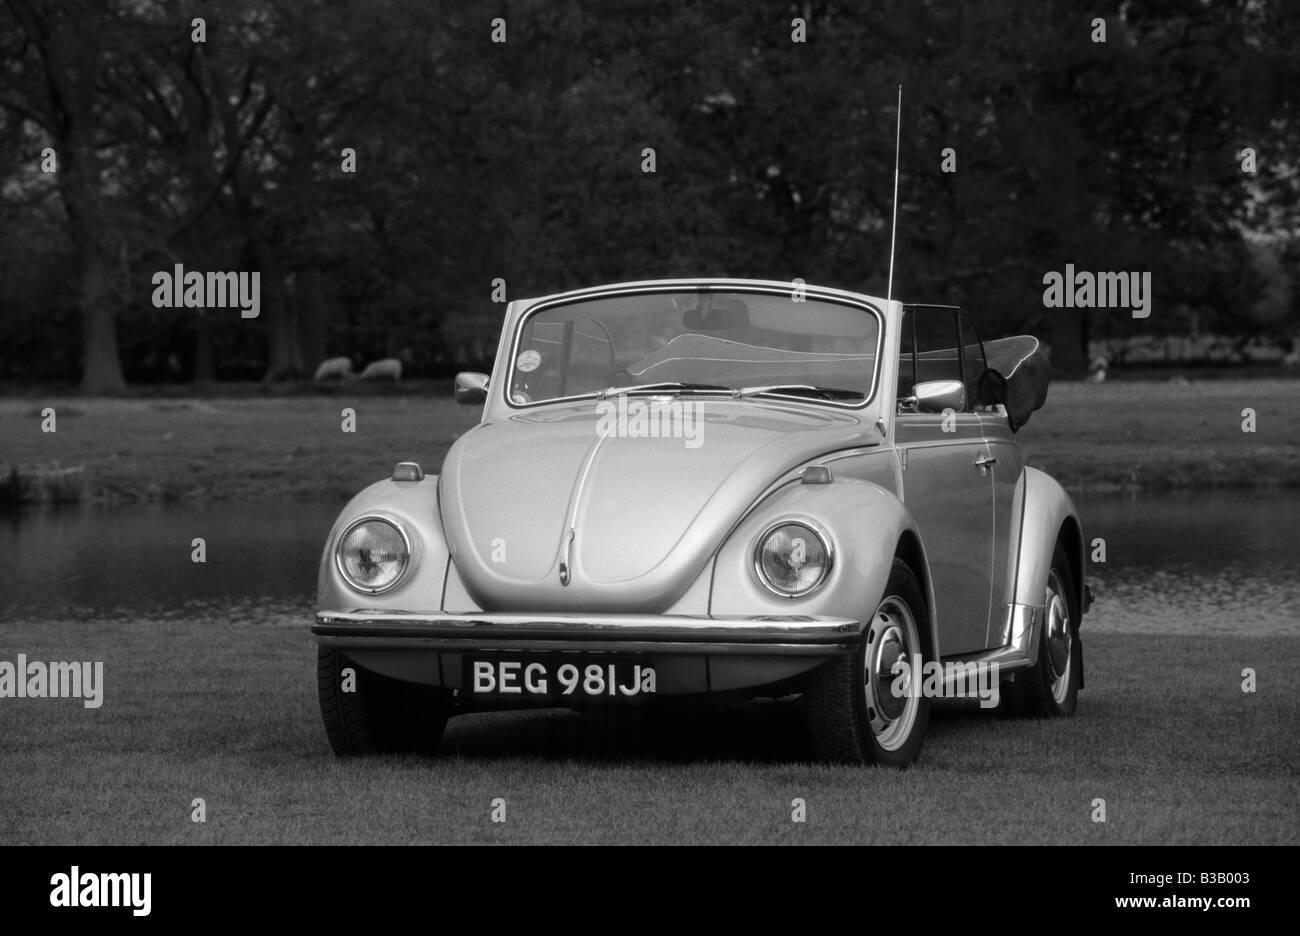 Volkswagen Beetle 1302 LS Cabriolet. - Stock Image